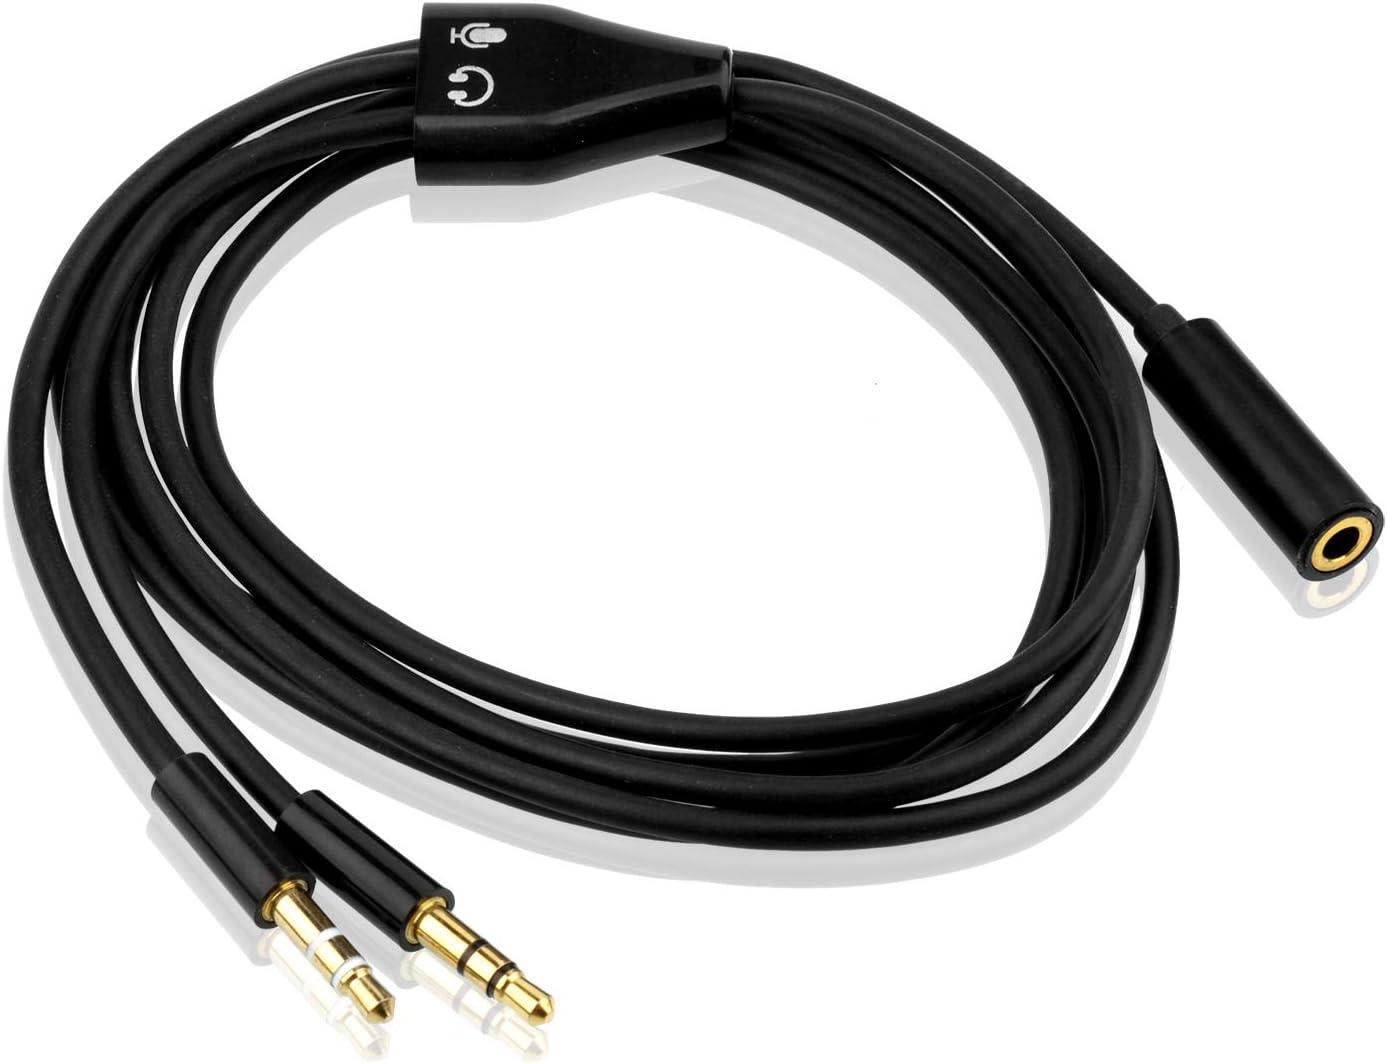 Smartphone 1.5m Sdoppiatore Cuffie Jack Splitter Audio,S SIENOC Sdoppiatore Stereo 2 Maschio 3,5 mm a Femmina splitter per Cuffia Auricolare Tablet